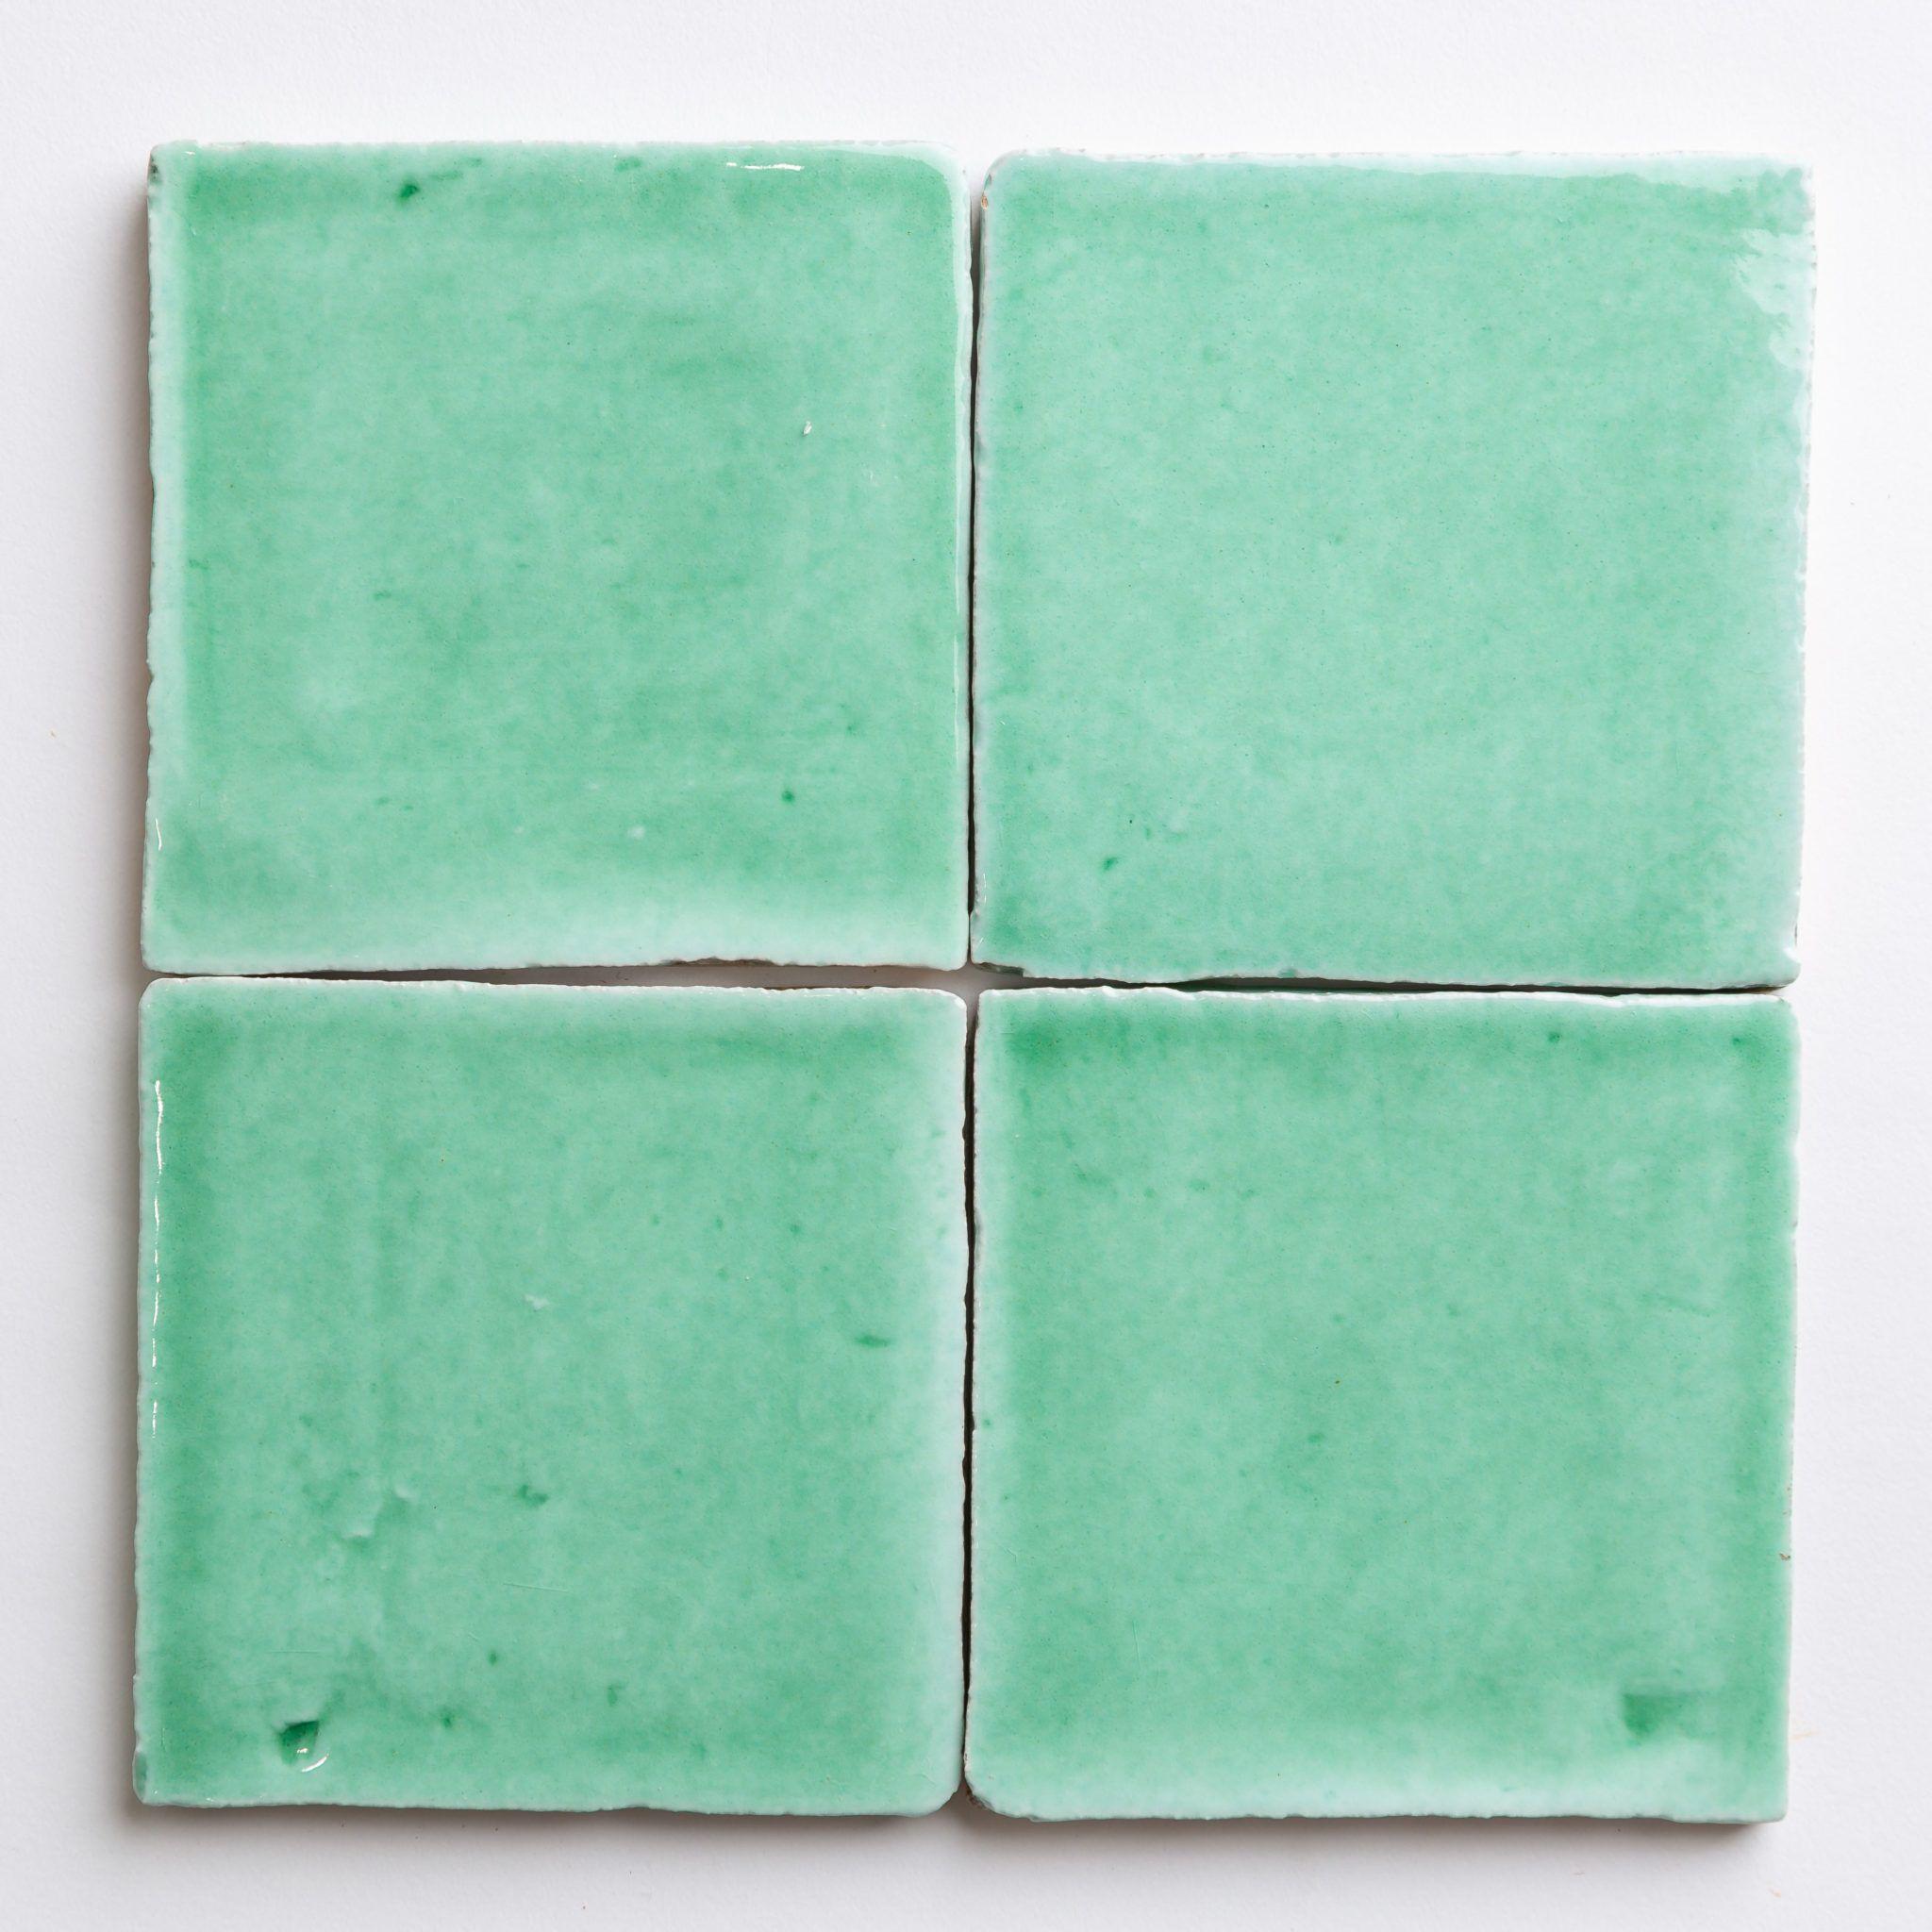 verde-pastel-swatch